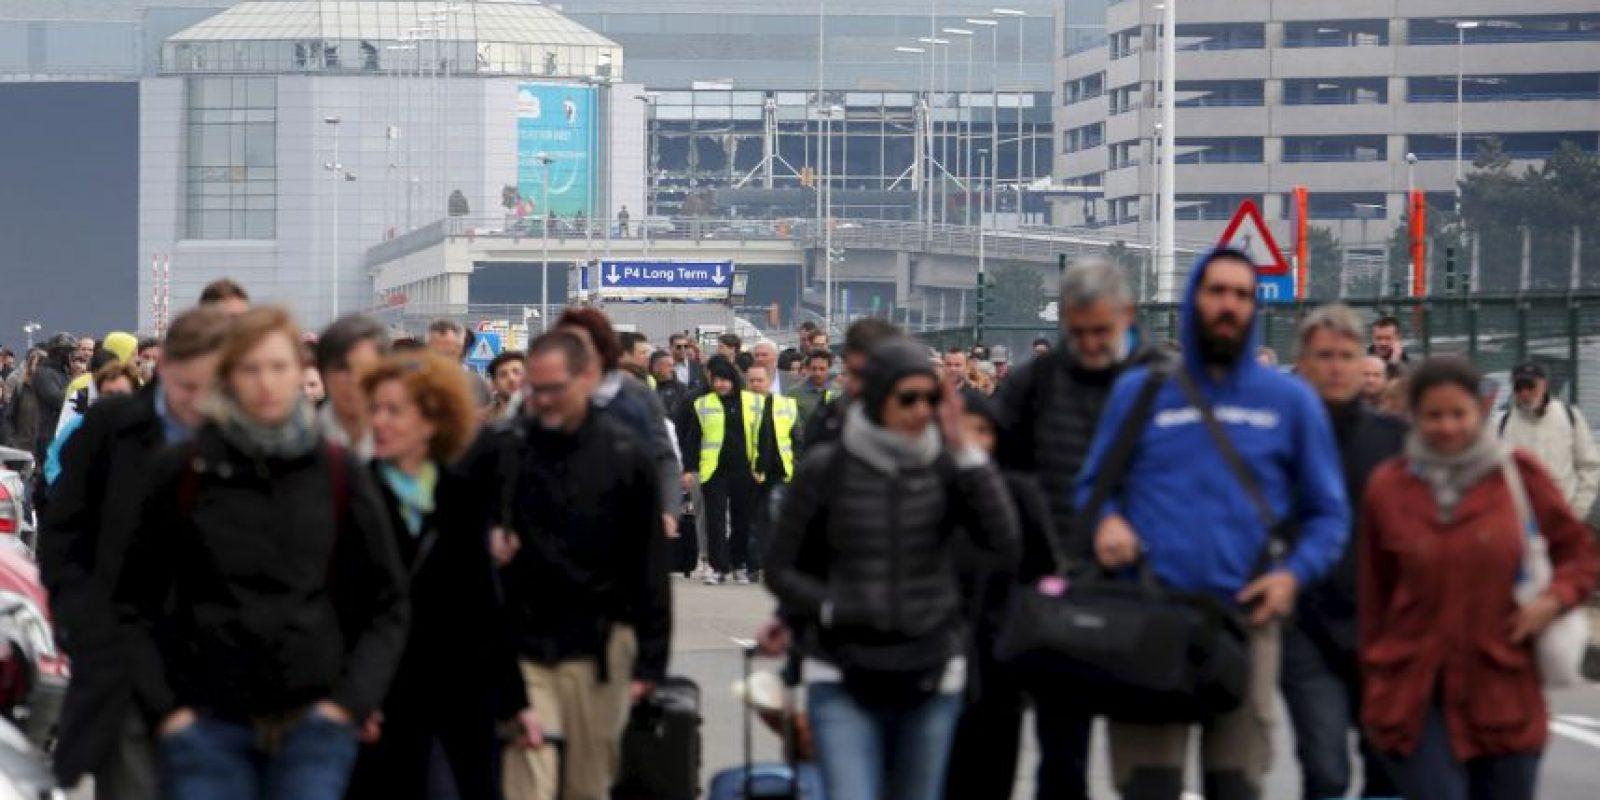 Bruselas convulsionada tras ataques terroristas Foto:Getty Images